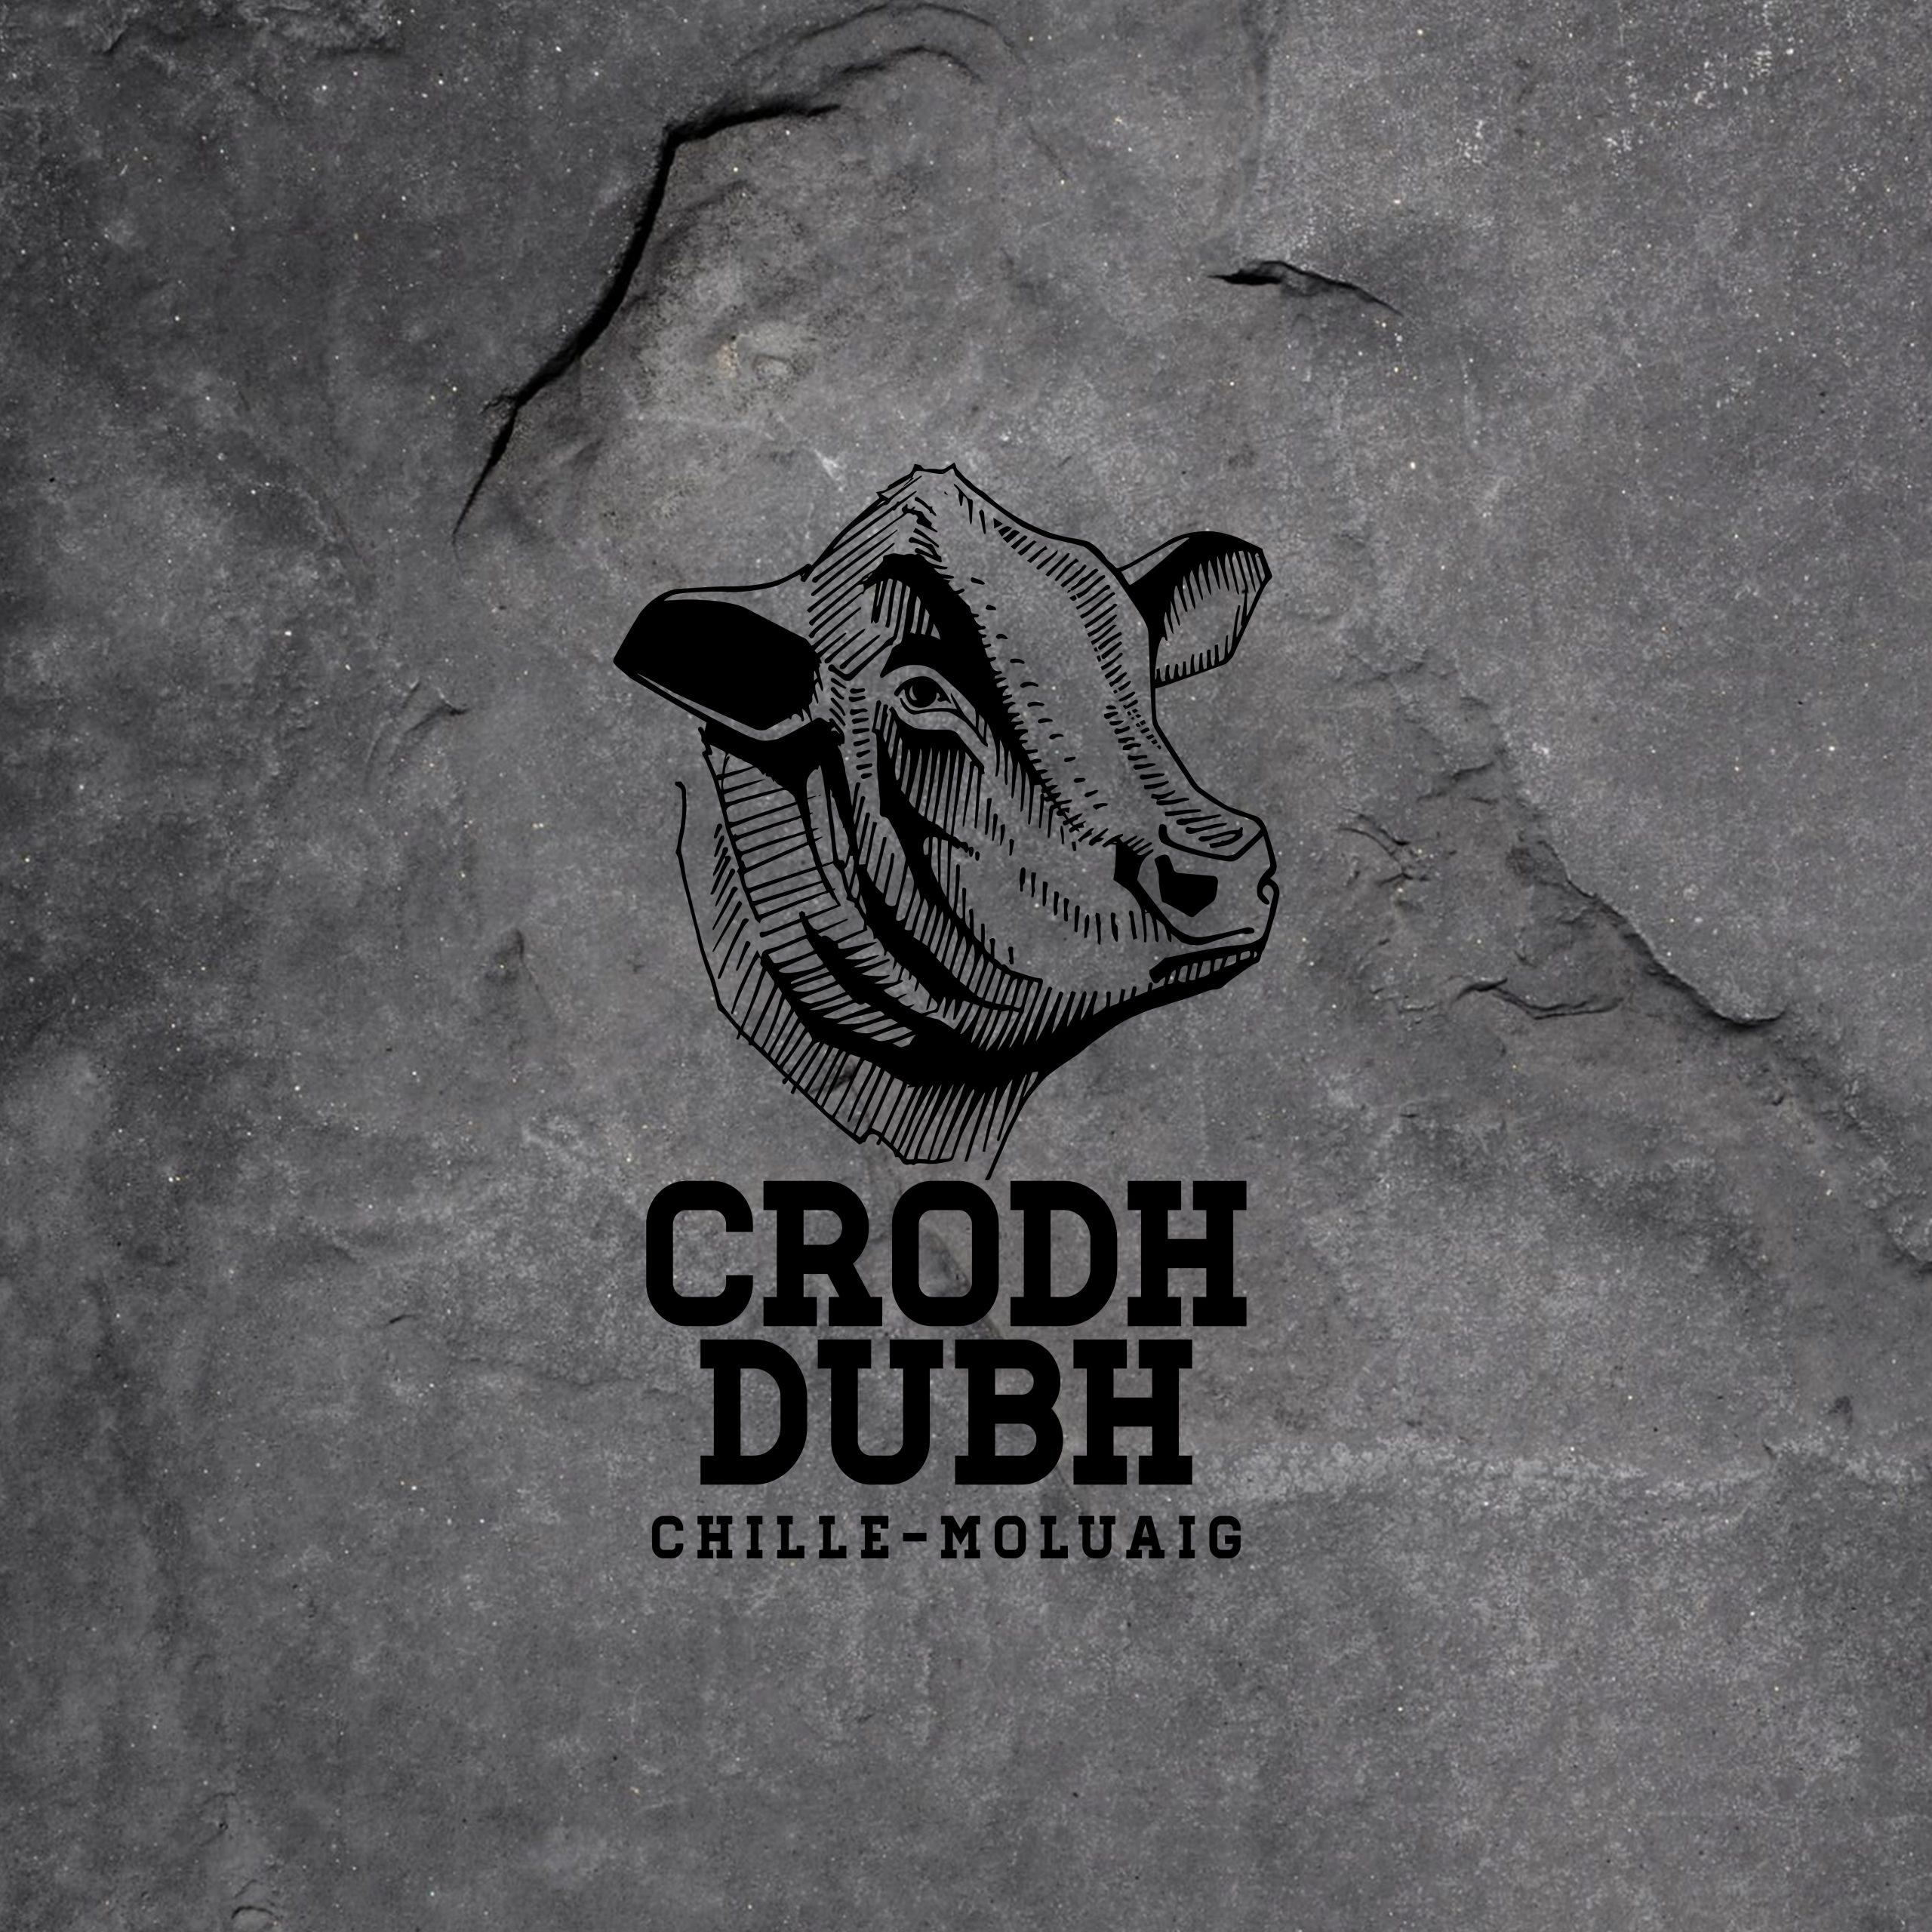 crodh dubh - aberdeen angus breeding logo